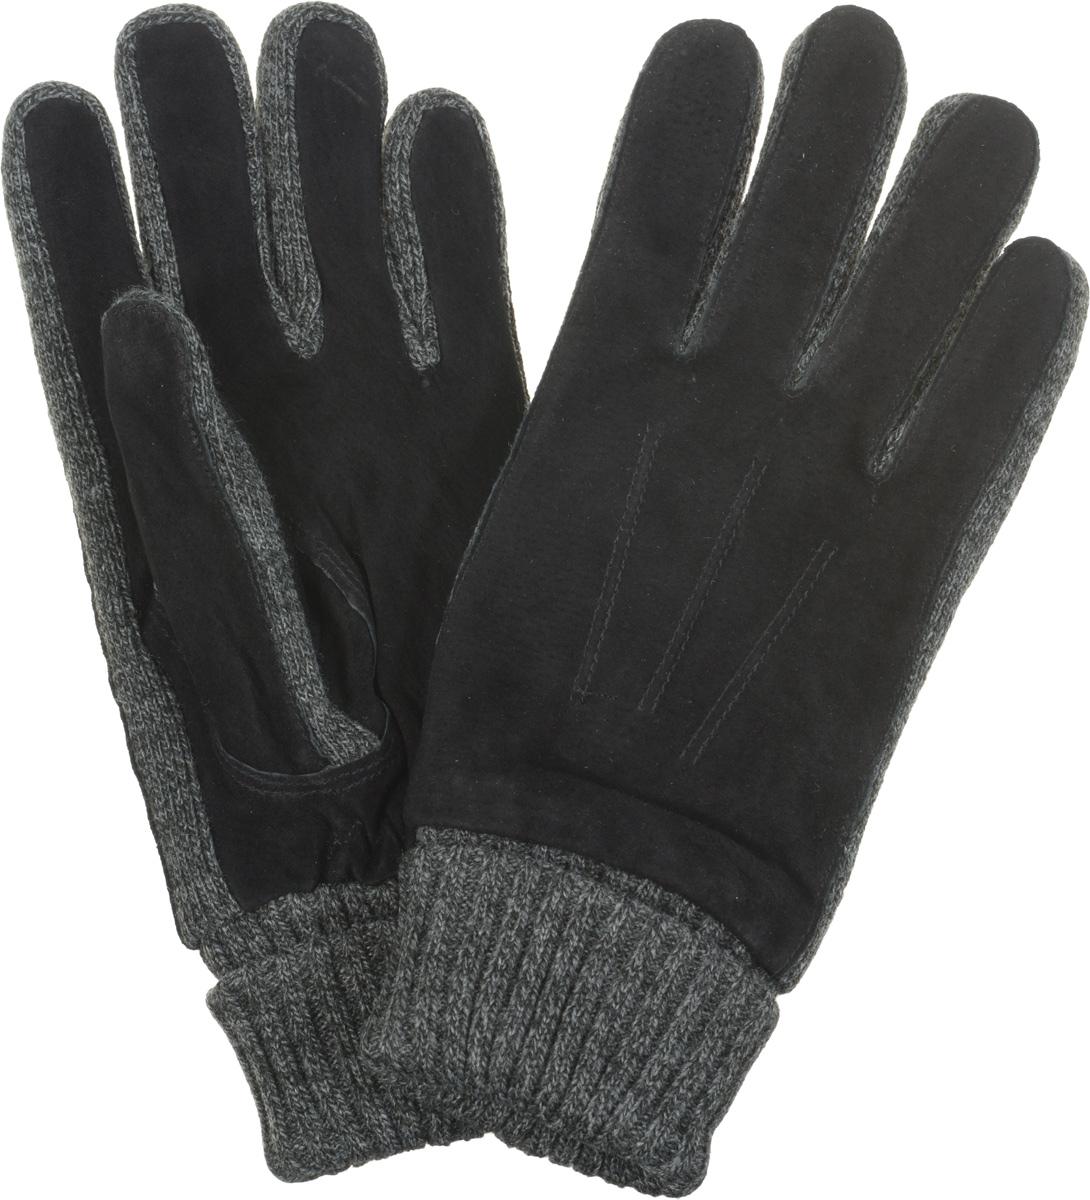 MKH 04.62Потрясающие мужские перчатки торговой марки Modo выполнены из чрезвычайно мягкой и приятной на ощупь кожи - велюра в сочетании с трикотажем, а их подкладка - из мягкого флиса. Утеплены современным утеплителем Thinsulate. Лицевая сторона оформлена декоративными швами три луча, а на ладонной стороне модель дополнена стягивающей резинкой. Великолепные мужские перчатки Modo не только согреют руки, но и дополнят ваш образ в качестве эффектного аксессуара.